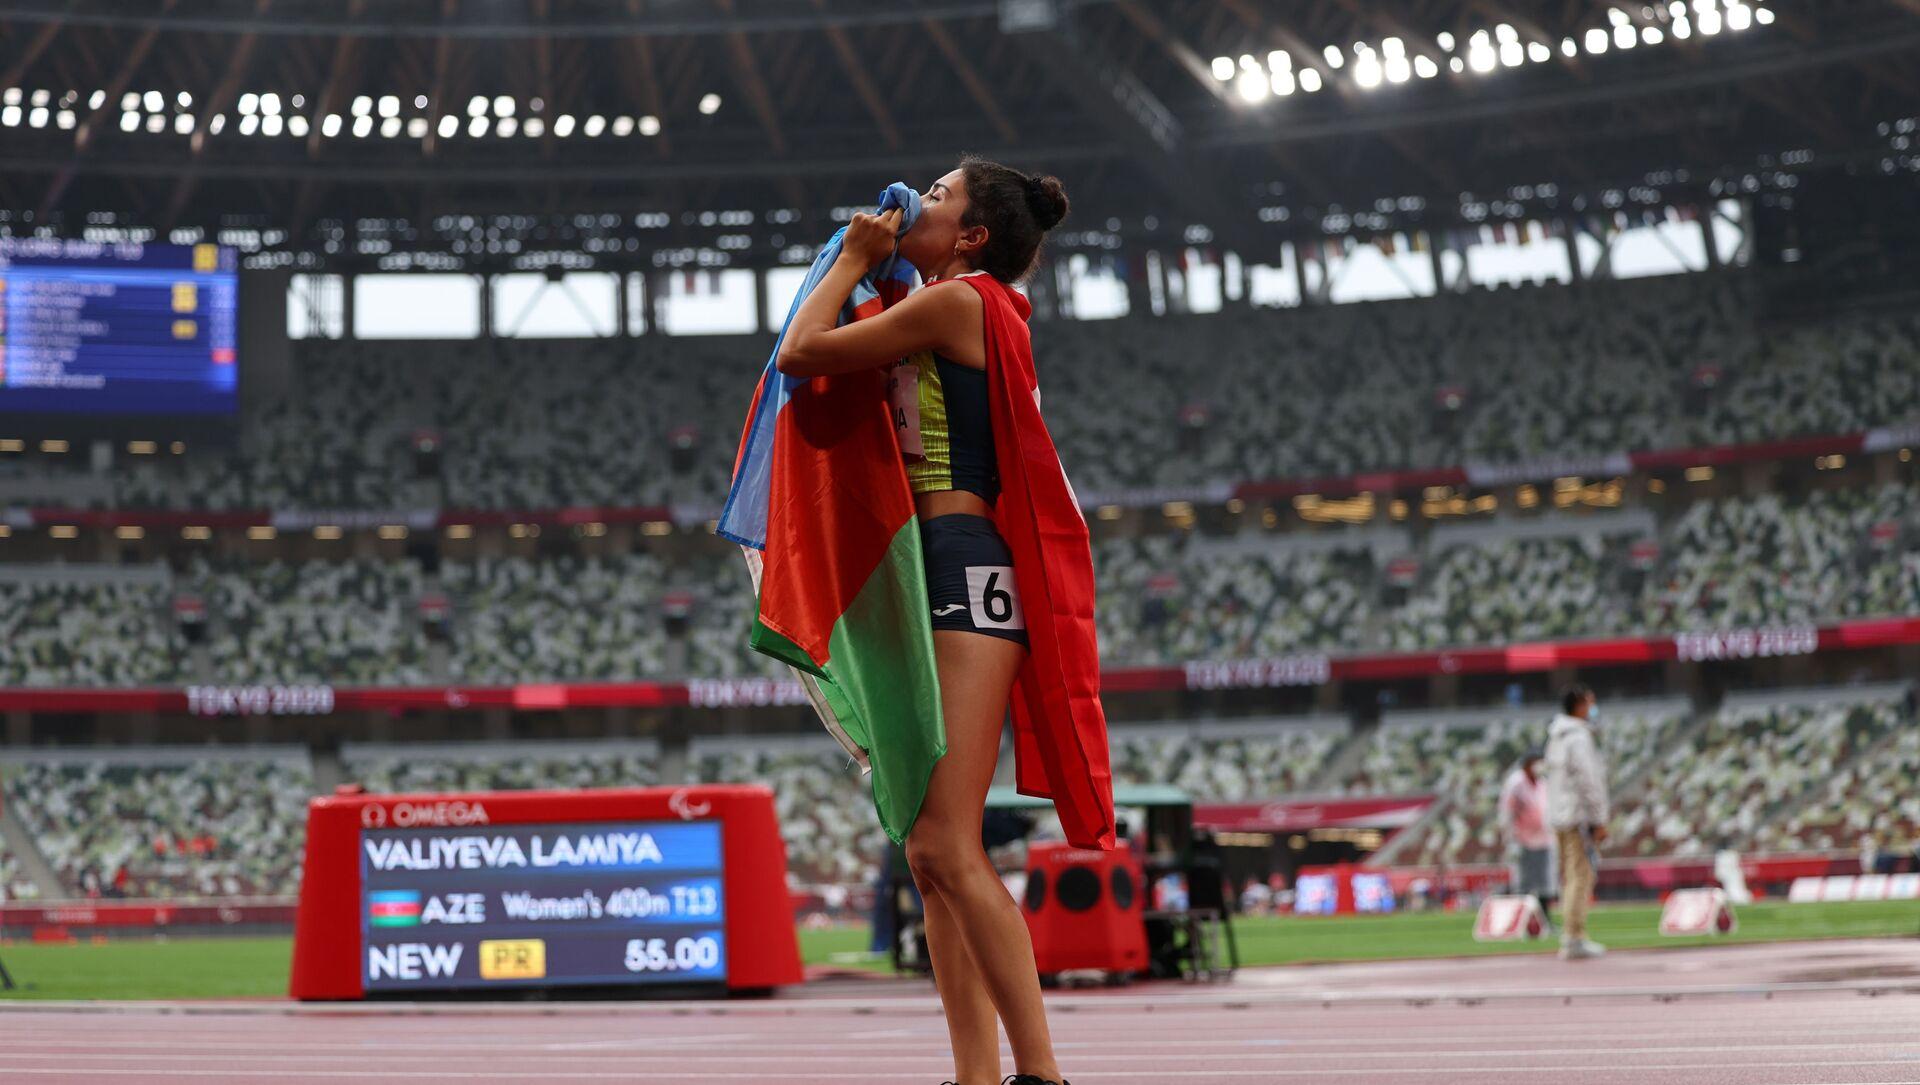 Азербайджанская спортсменка Ламия Велиева  - Sputnik Azərbaycan, 1920, 05.09.2021